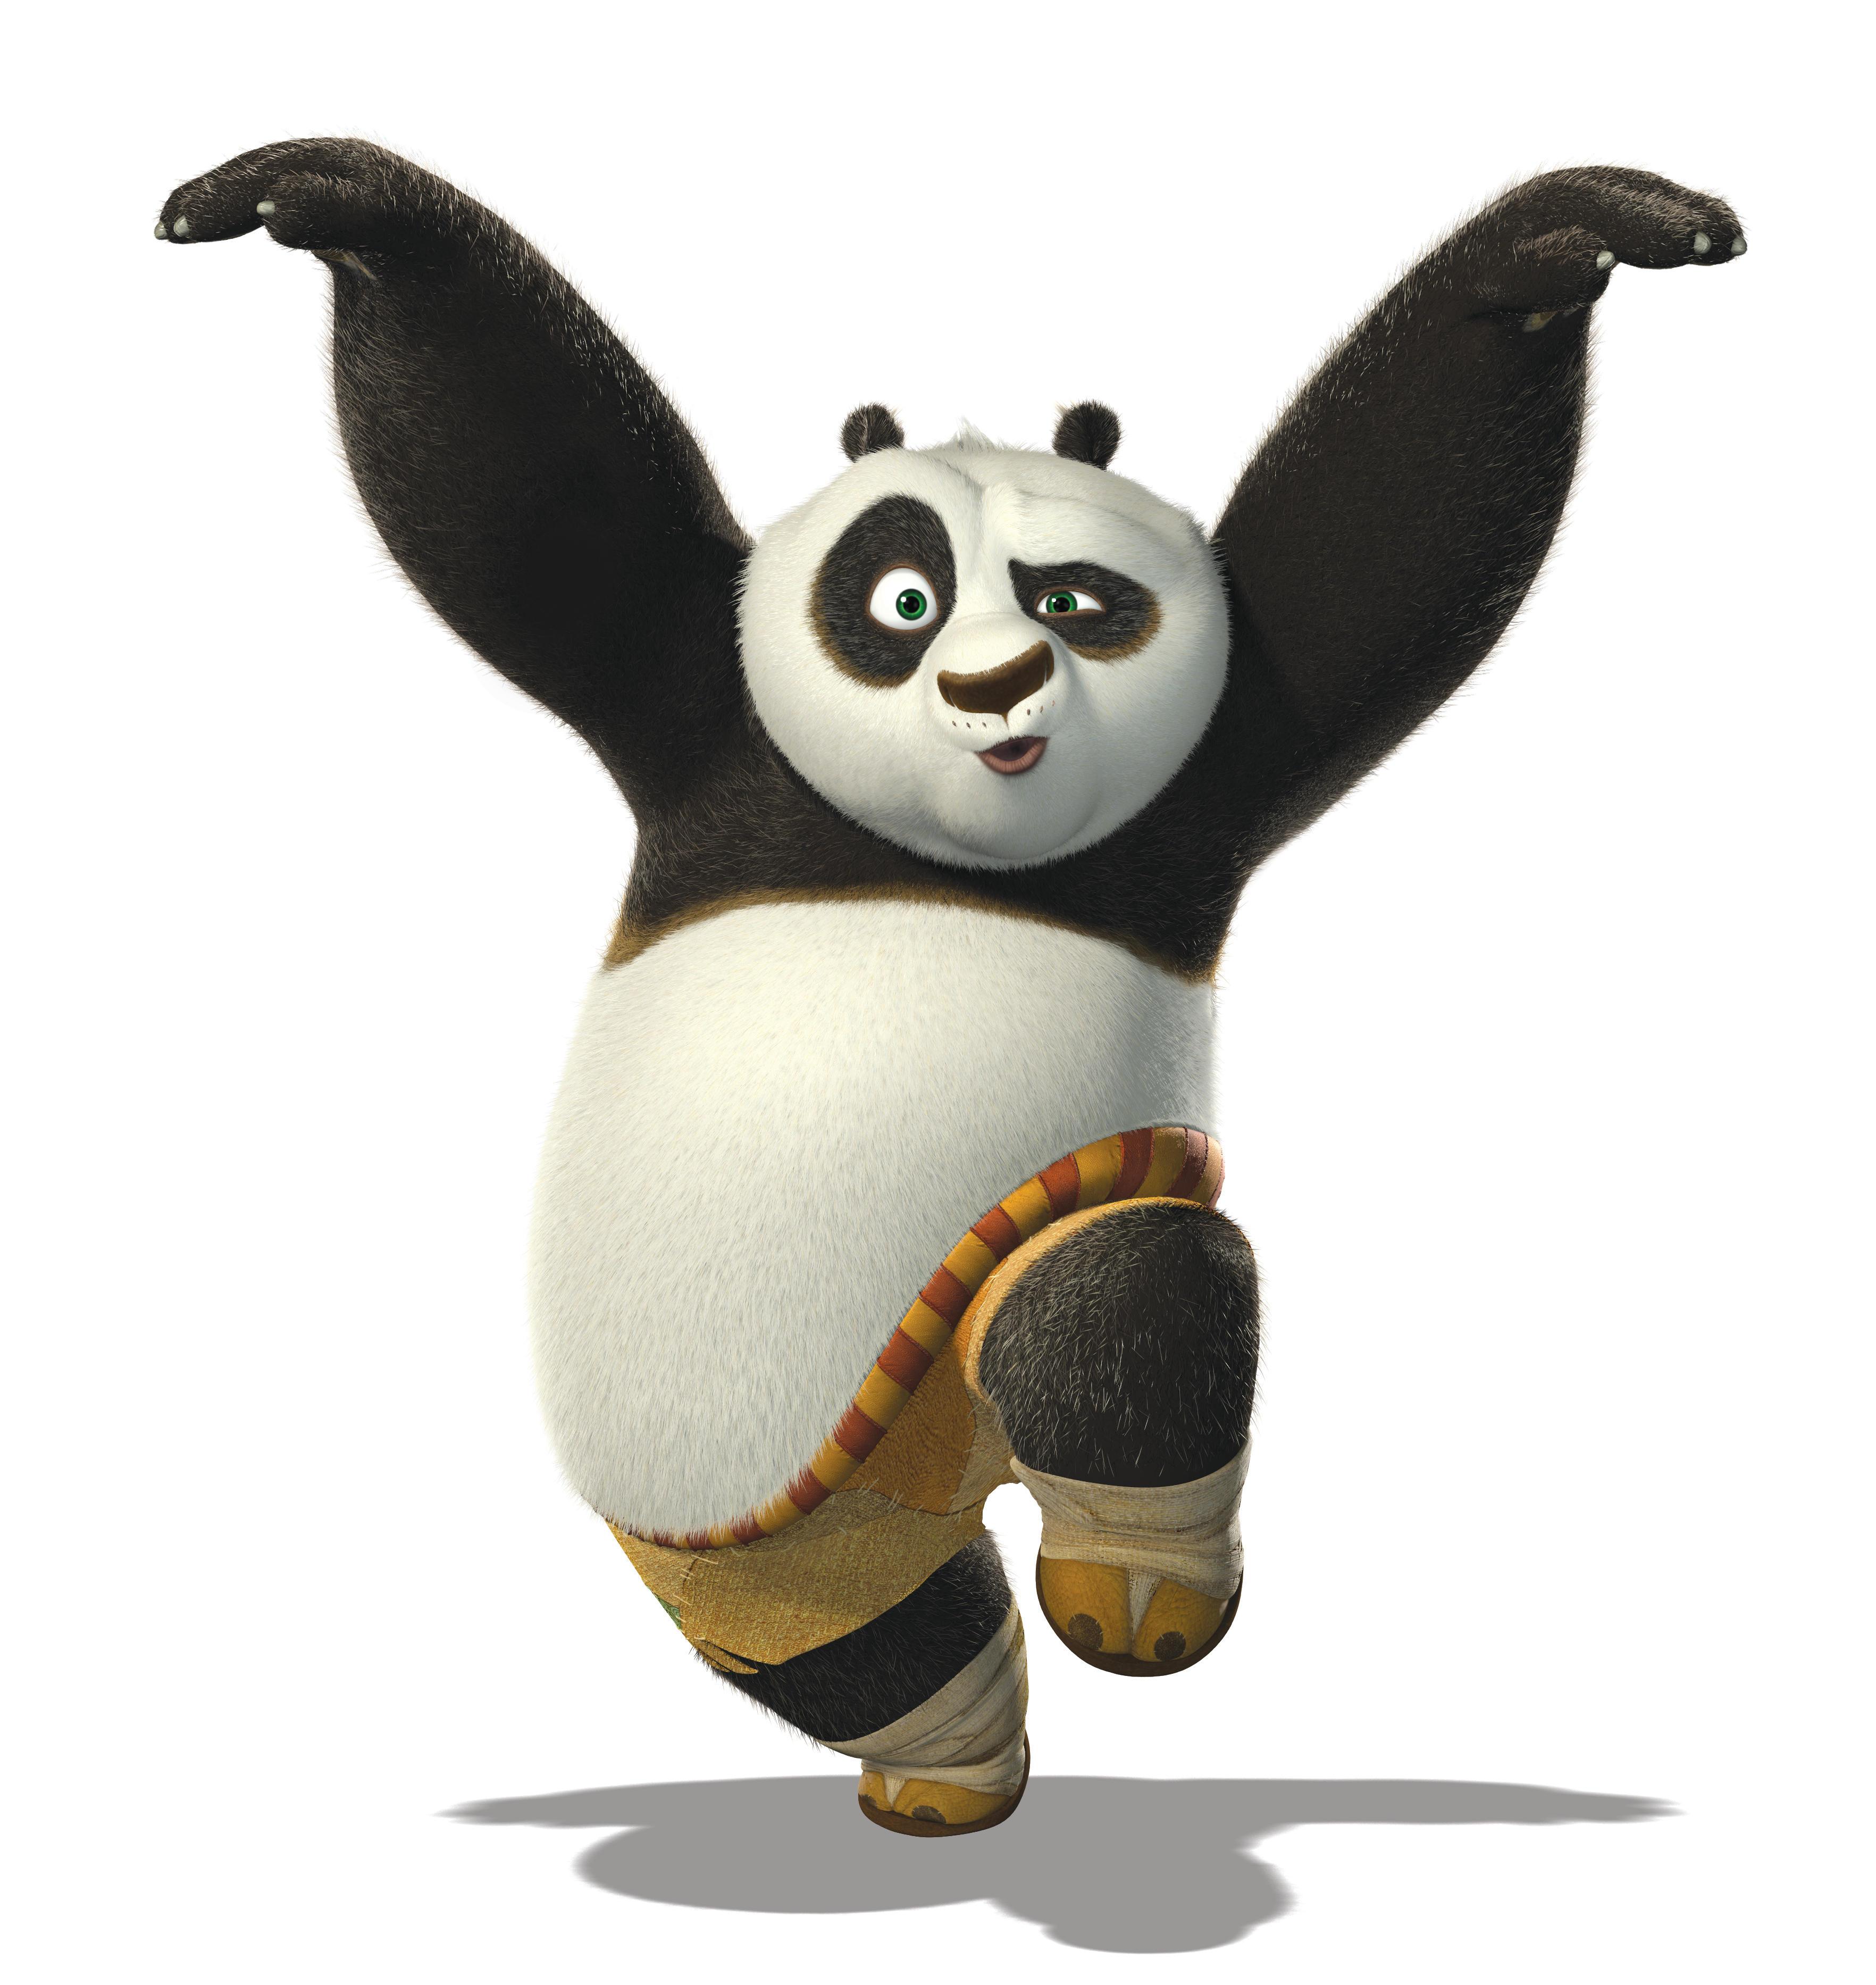 youloveit_ru_kung_fu_panda_kartink22i03.jpg